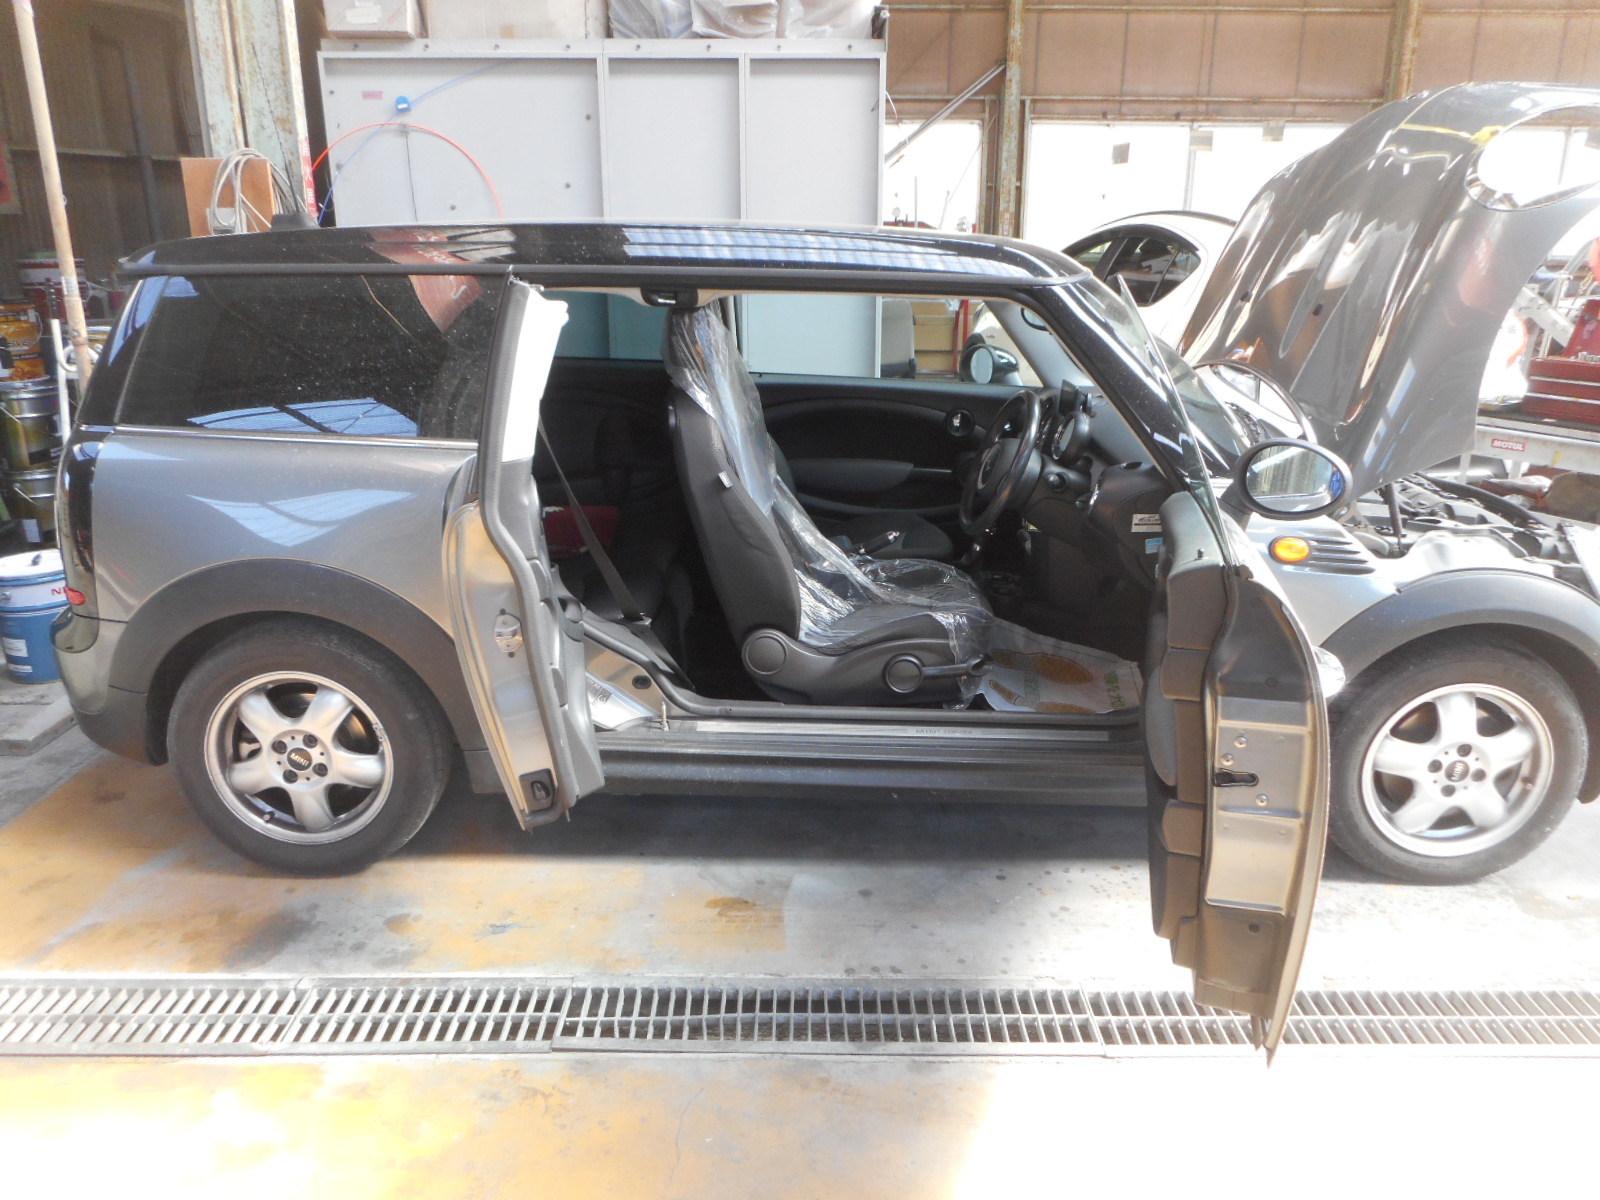 BMWミニ (R56)クラブマン エンジン不調修理(イグニッションコイル他)_c0267693_17405938.jpg